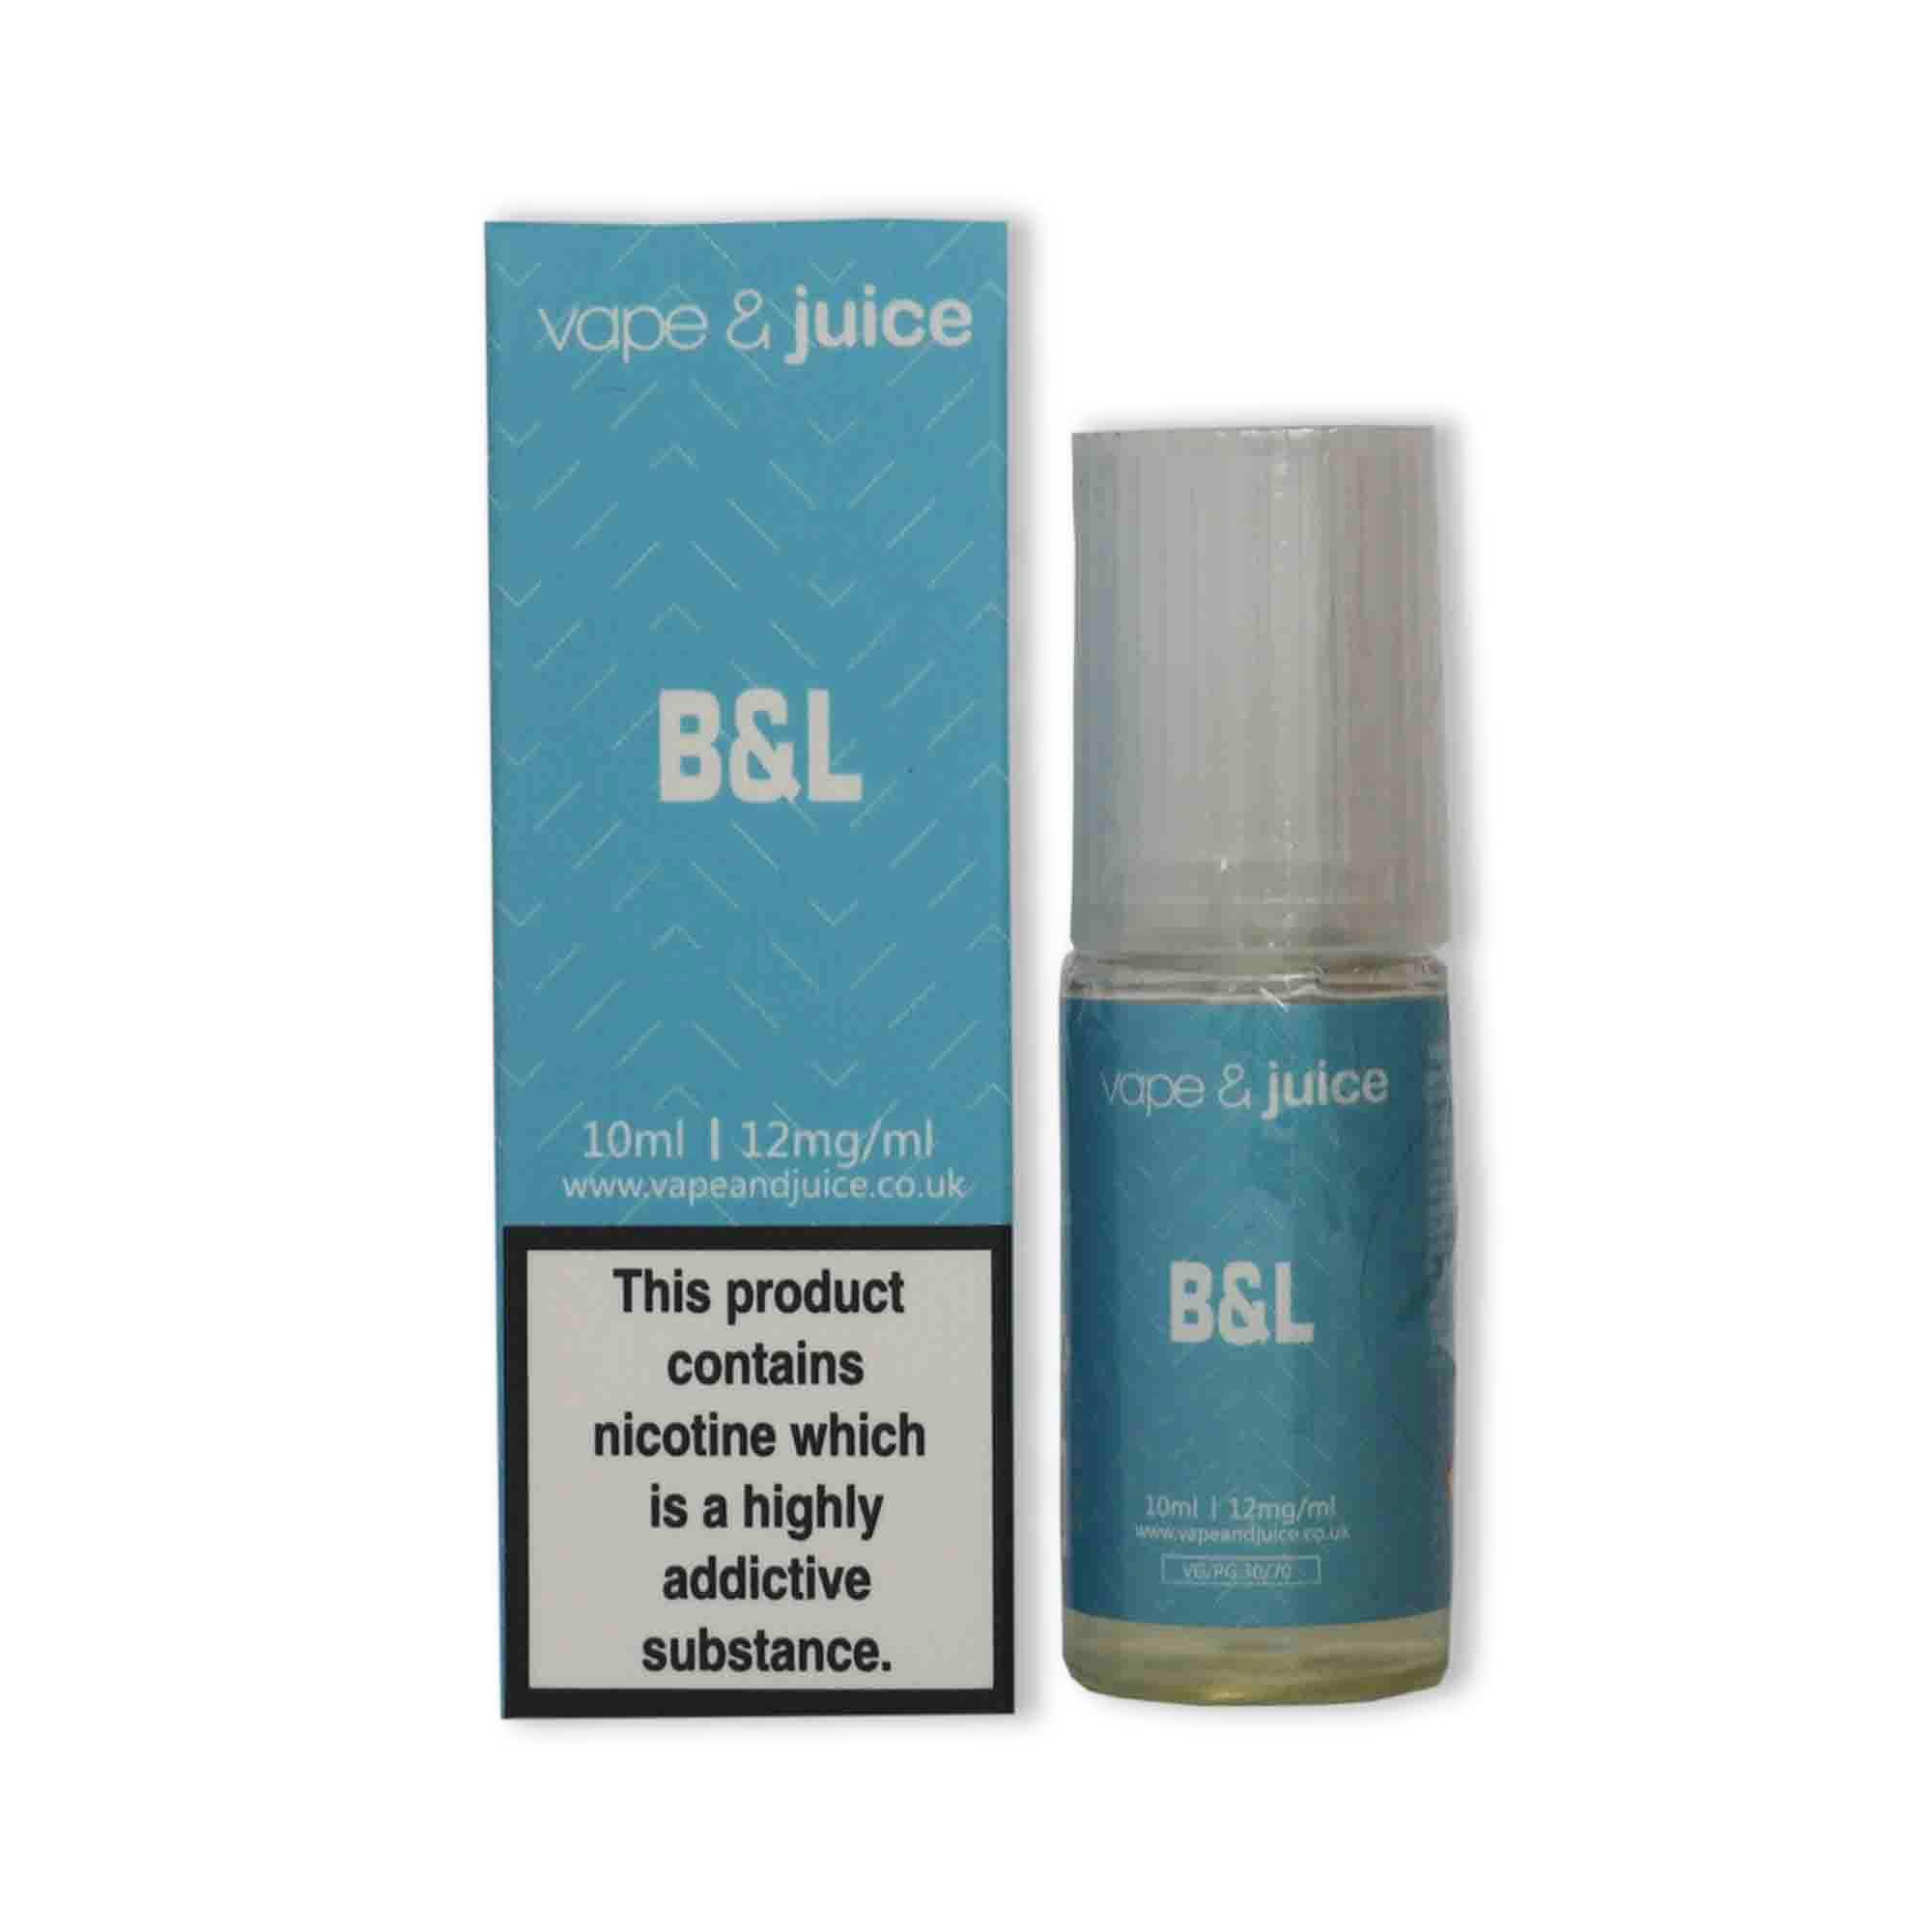 Vape & Juice Basics - B&L Tobacco 10ml